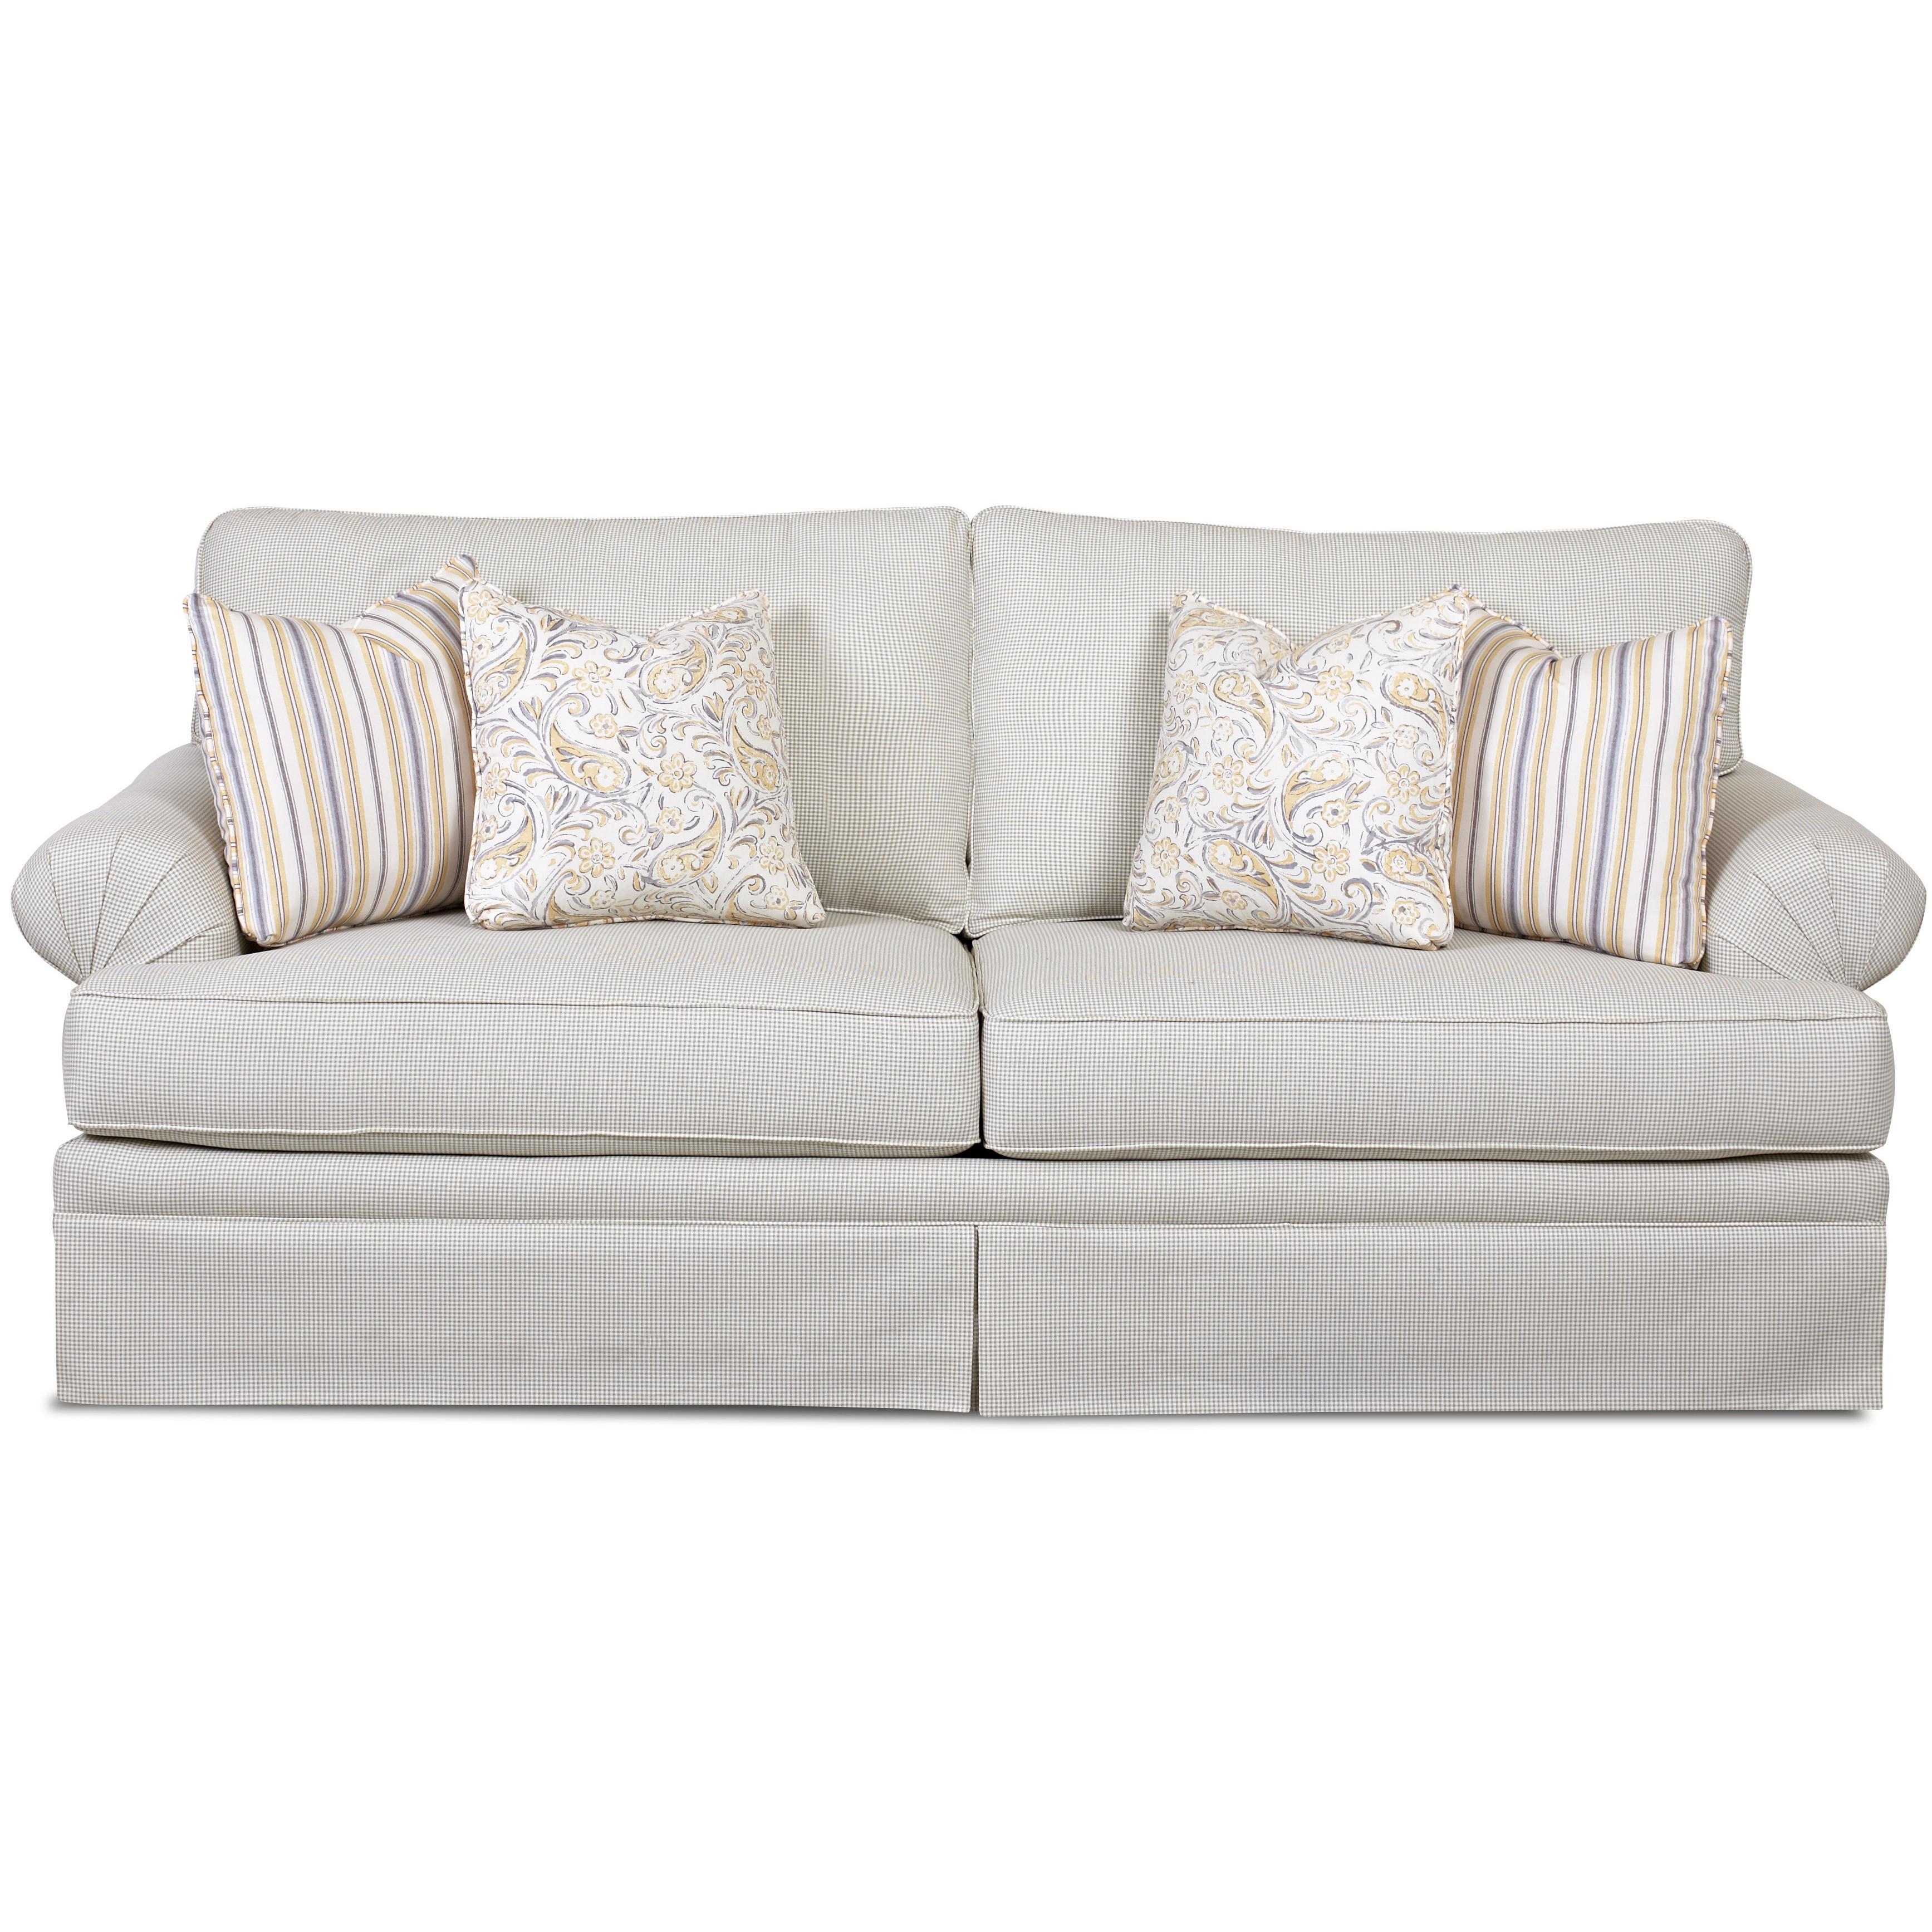 Klaussner Napatree Sofa - Item Number: K73700 S